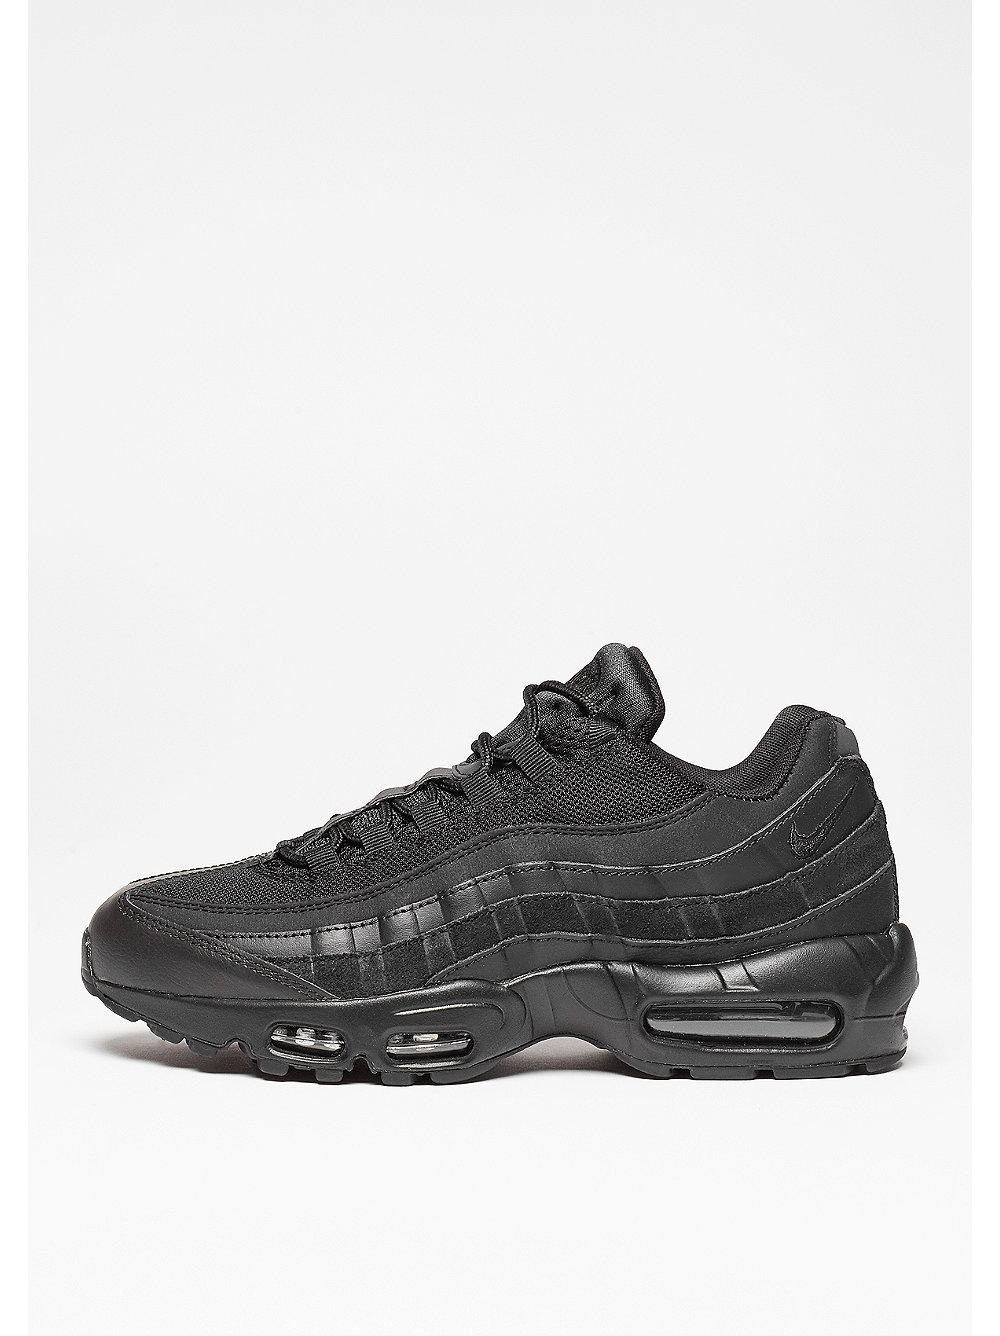 Nike Air Max 95 herensneaker zwart